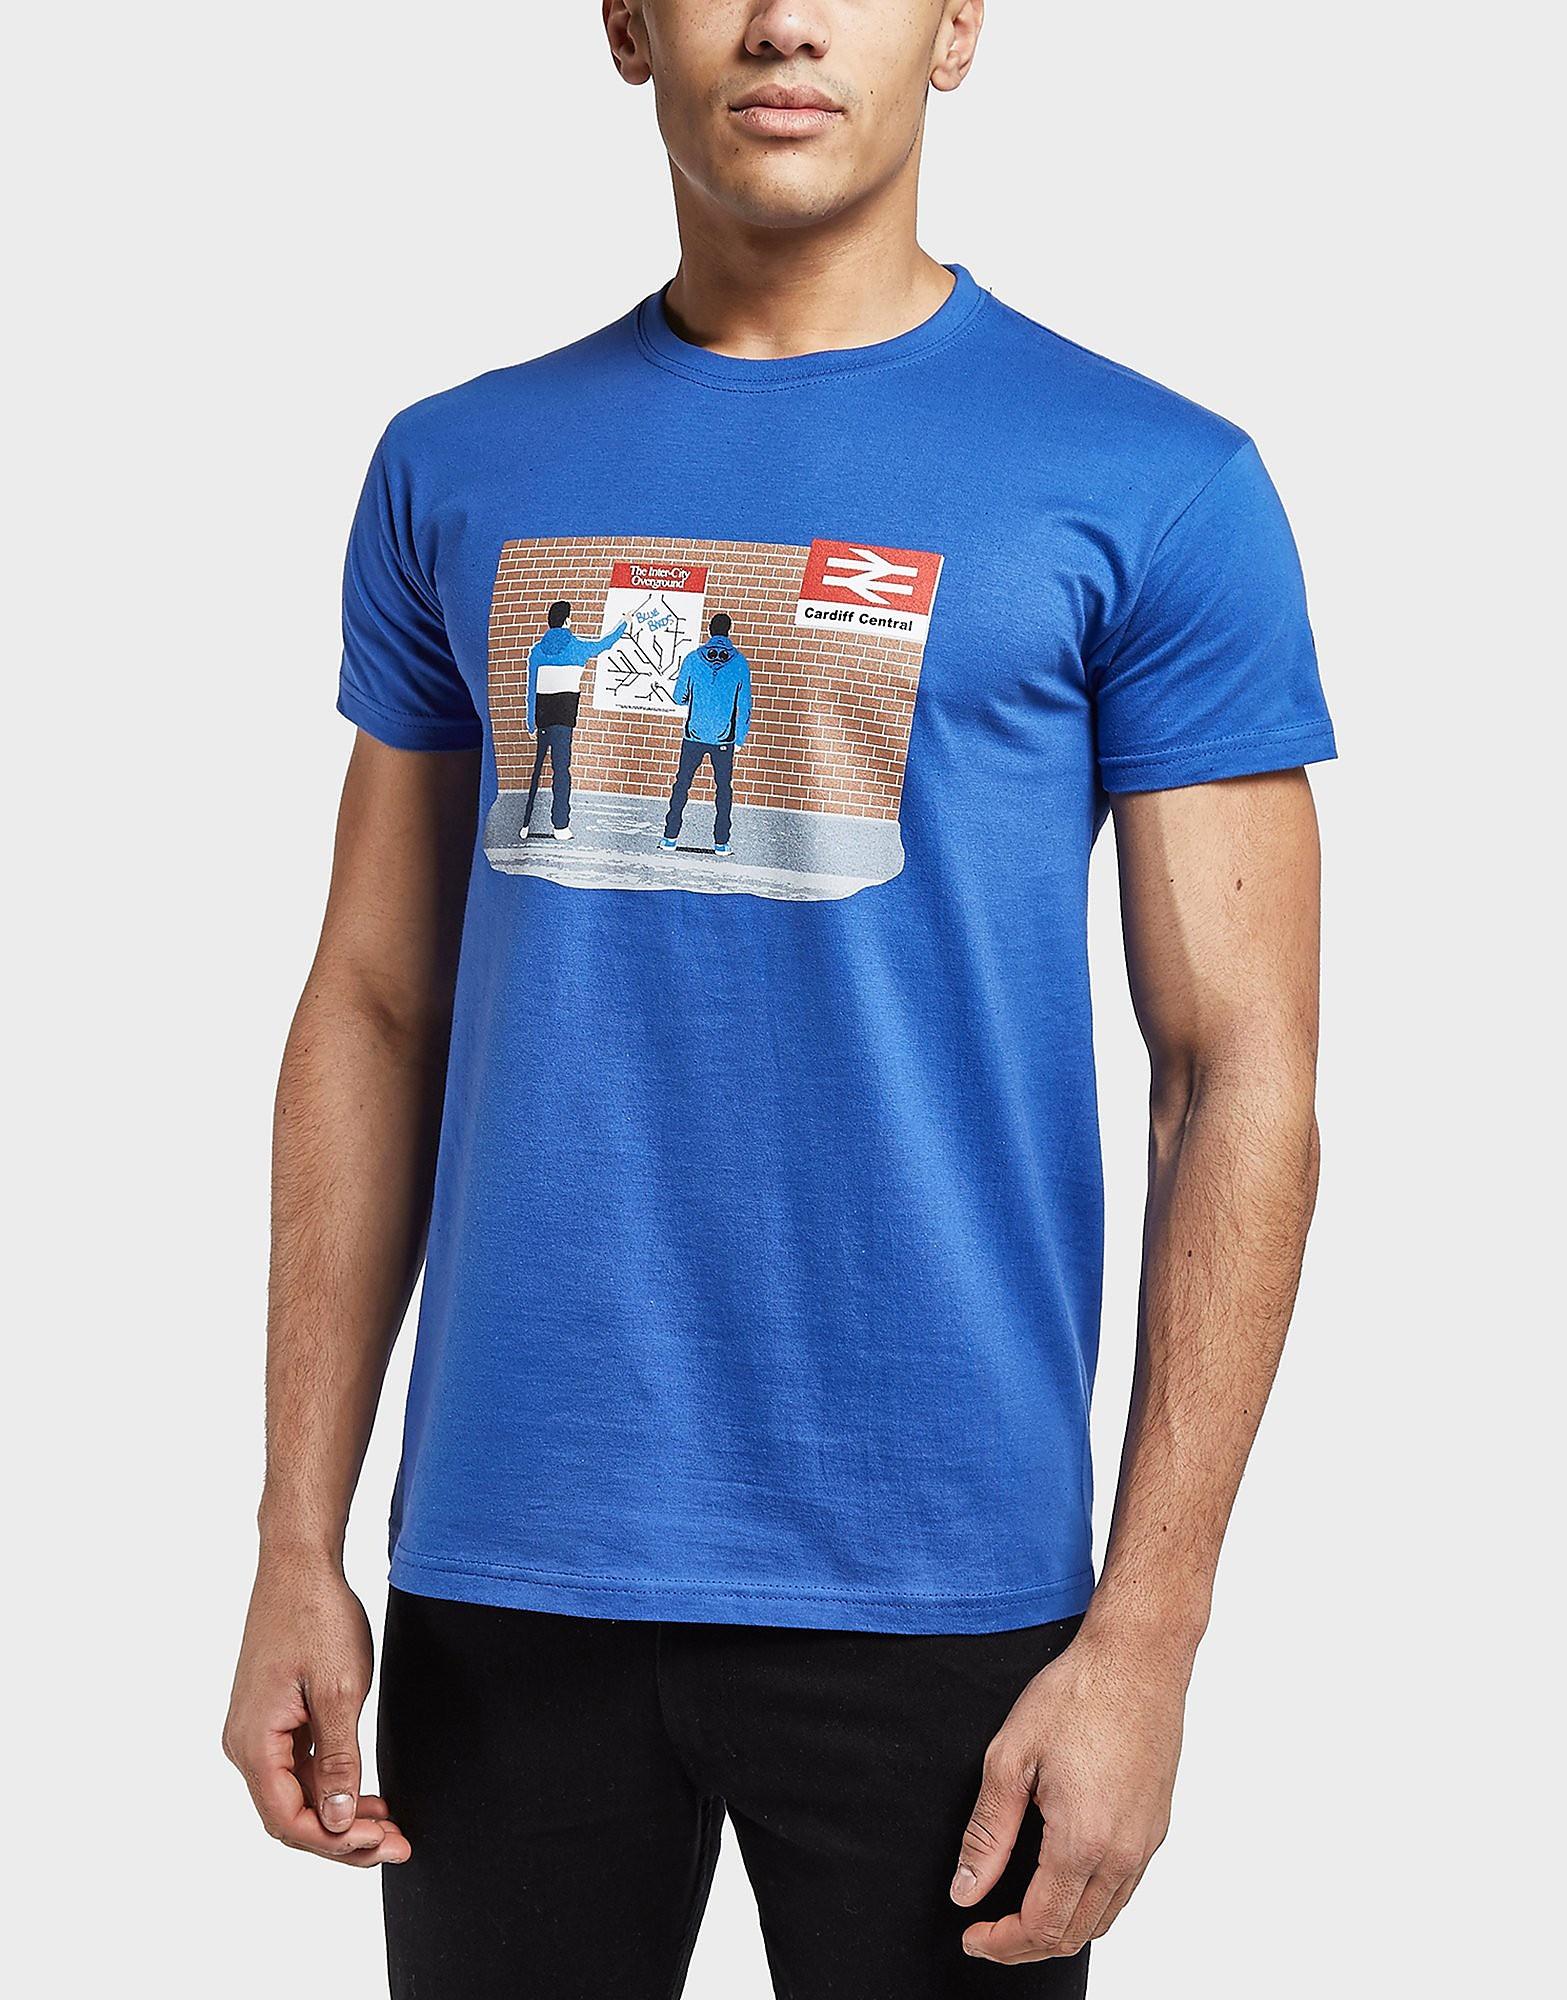 80s Casuals Bluebirds Station Short Sleeve T-Shirt